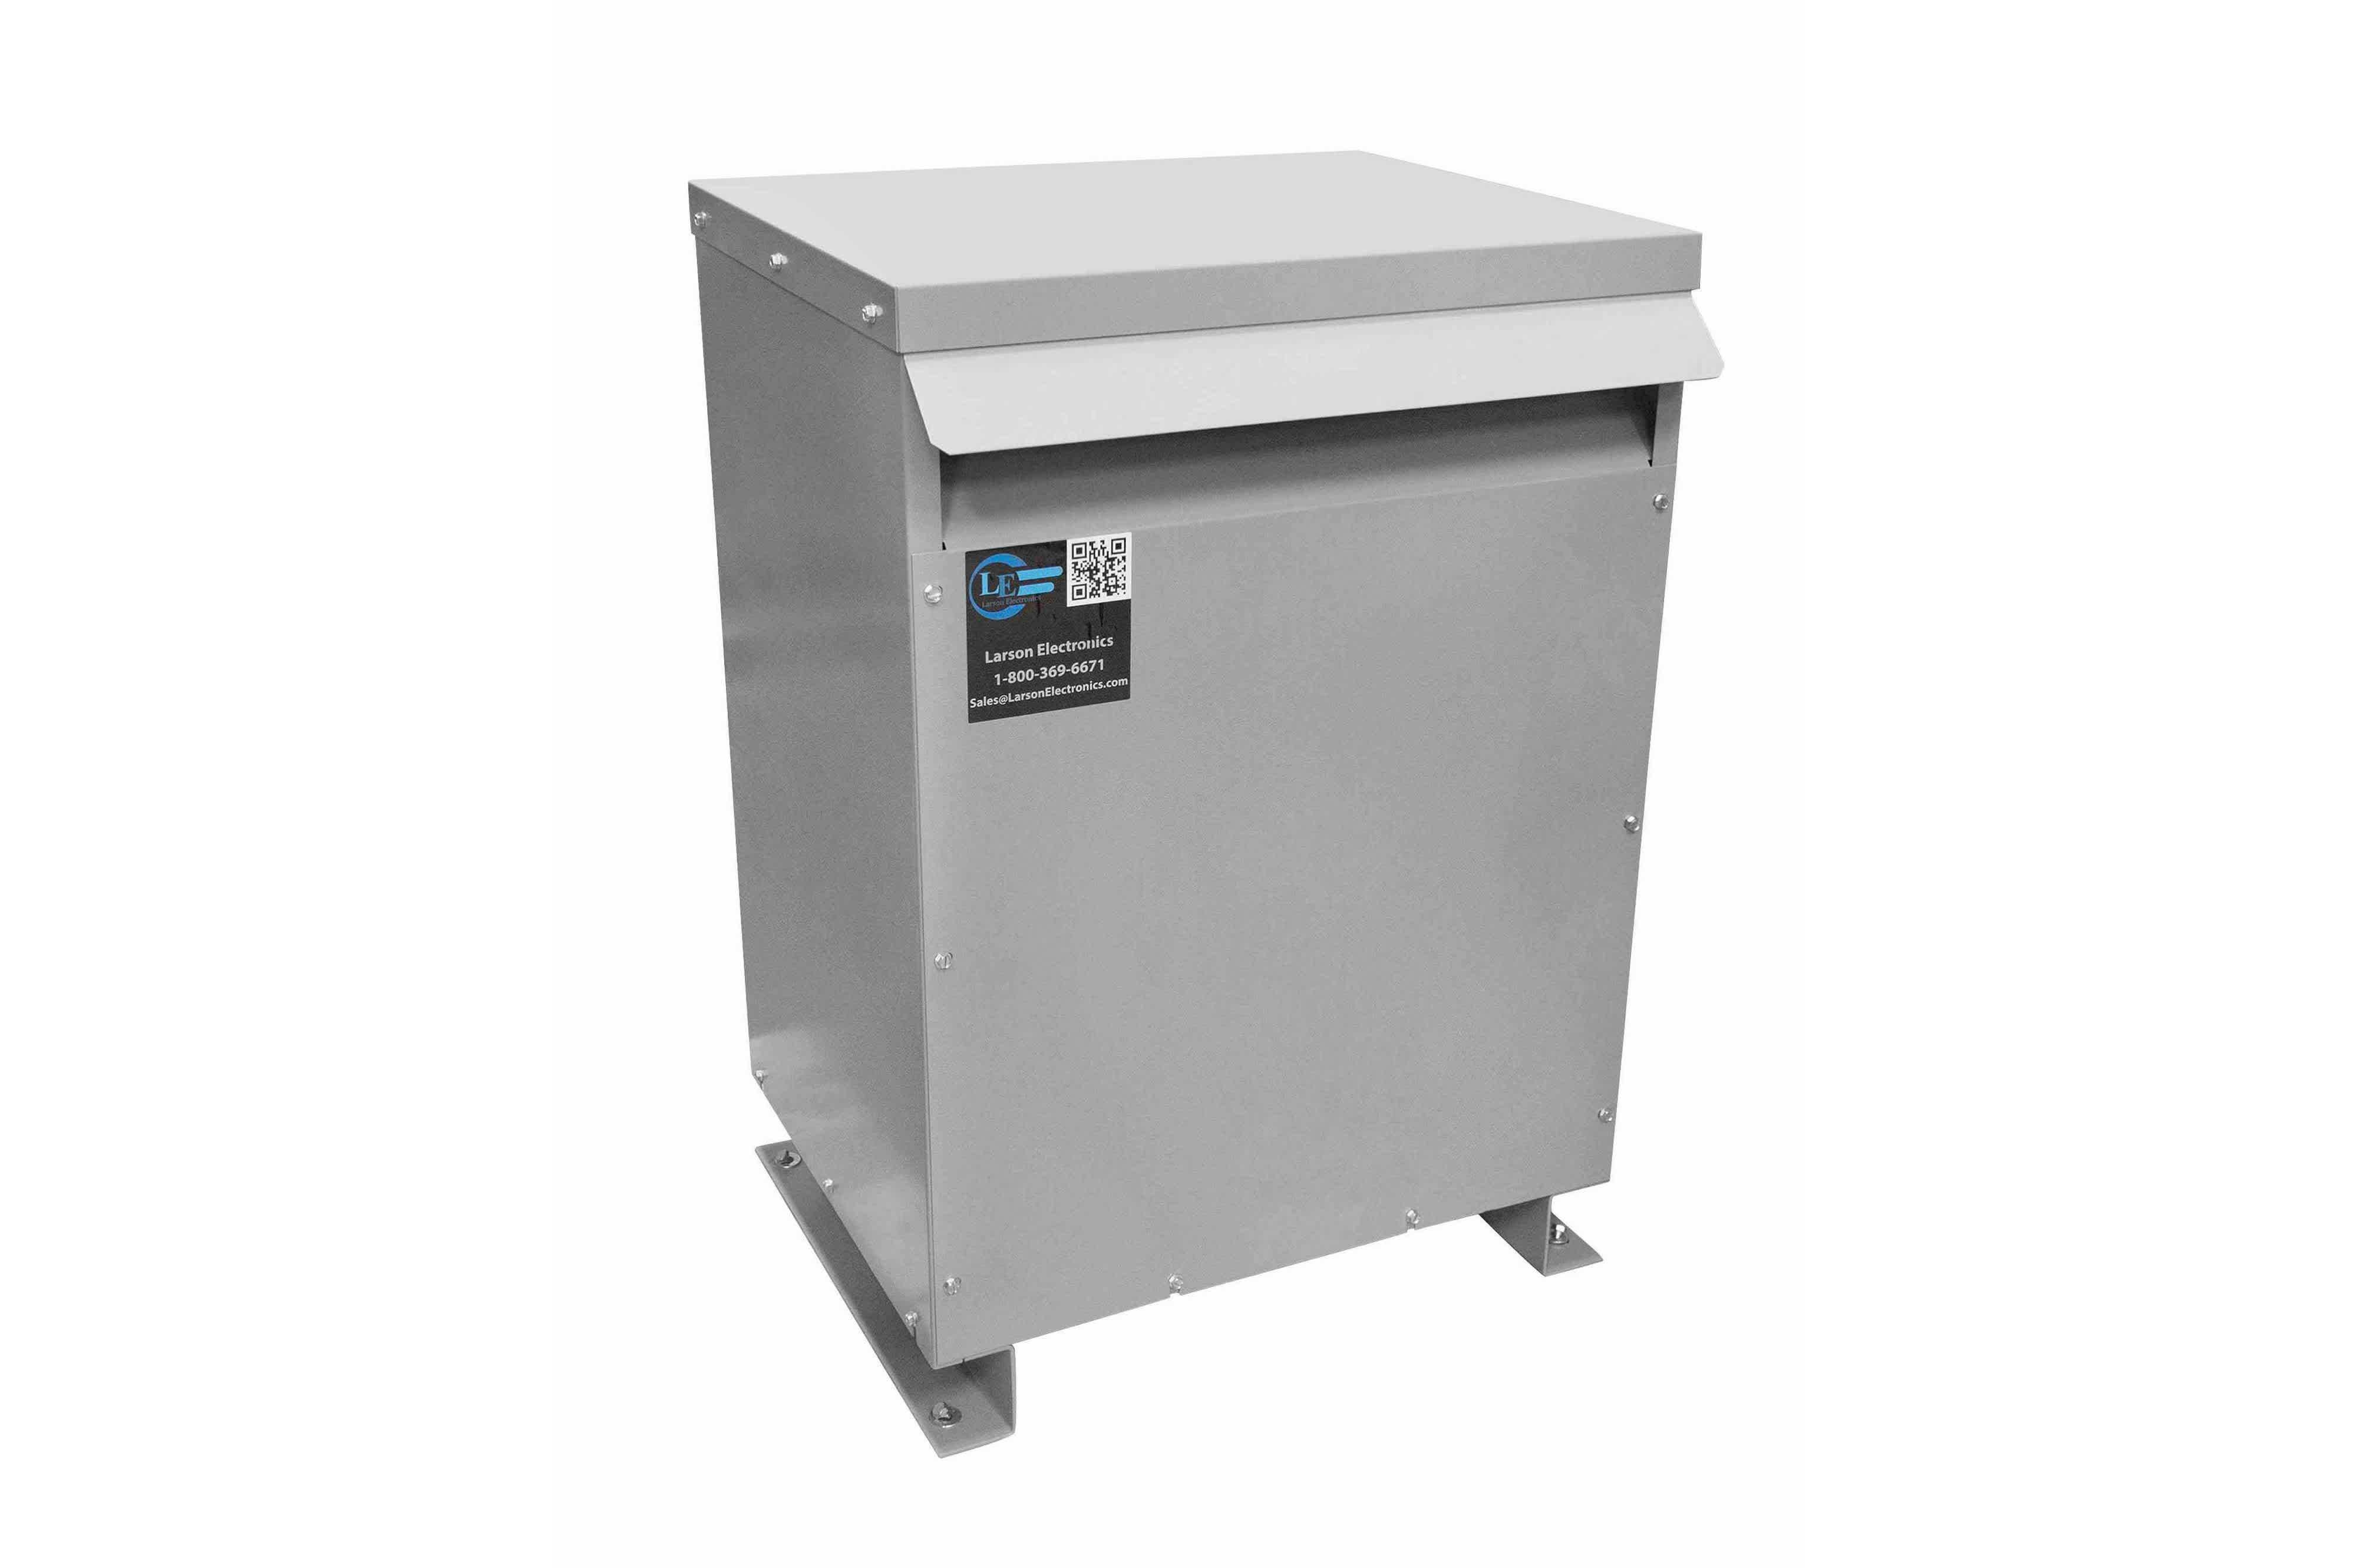 9 kVA 3PH Isolation Transformer, 415V Delta Primary, 208V Delta Secondary, N3R, Ventilated, 60 Hz